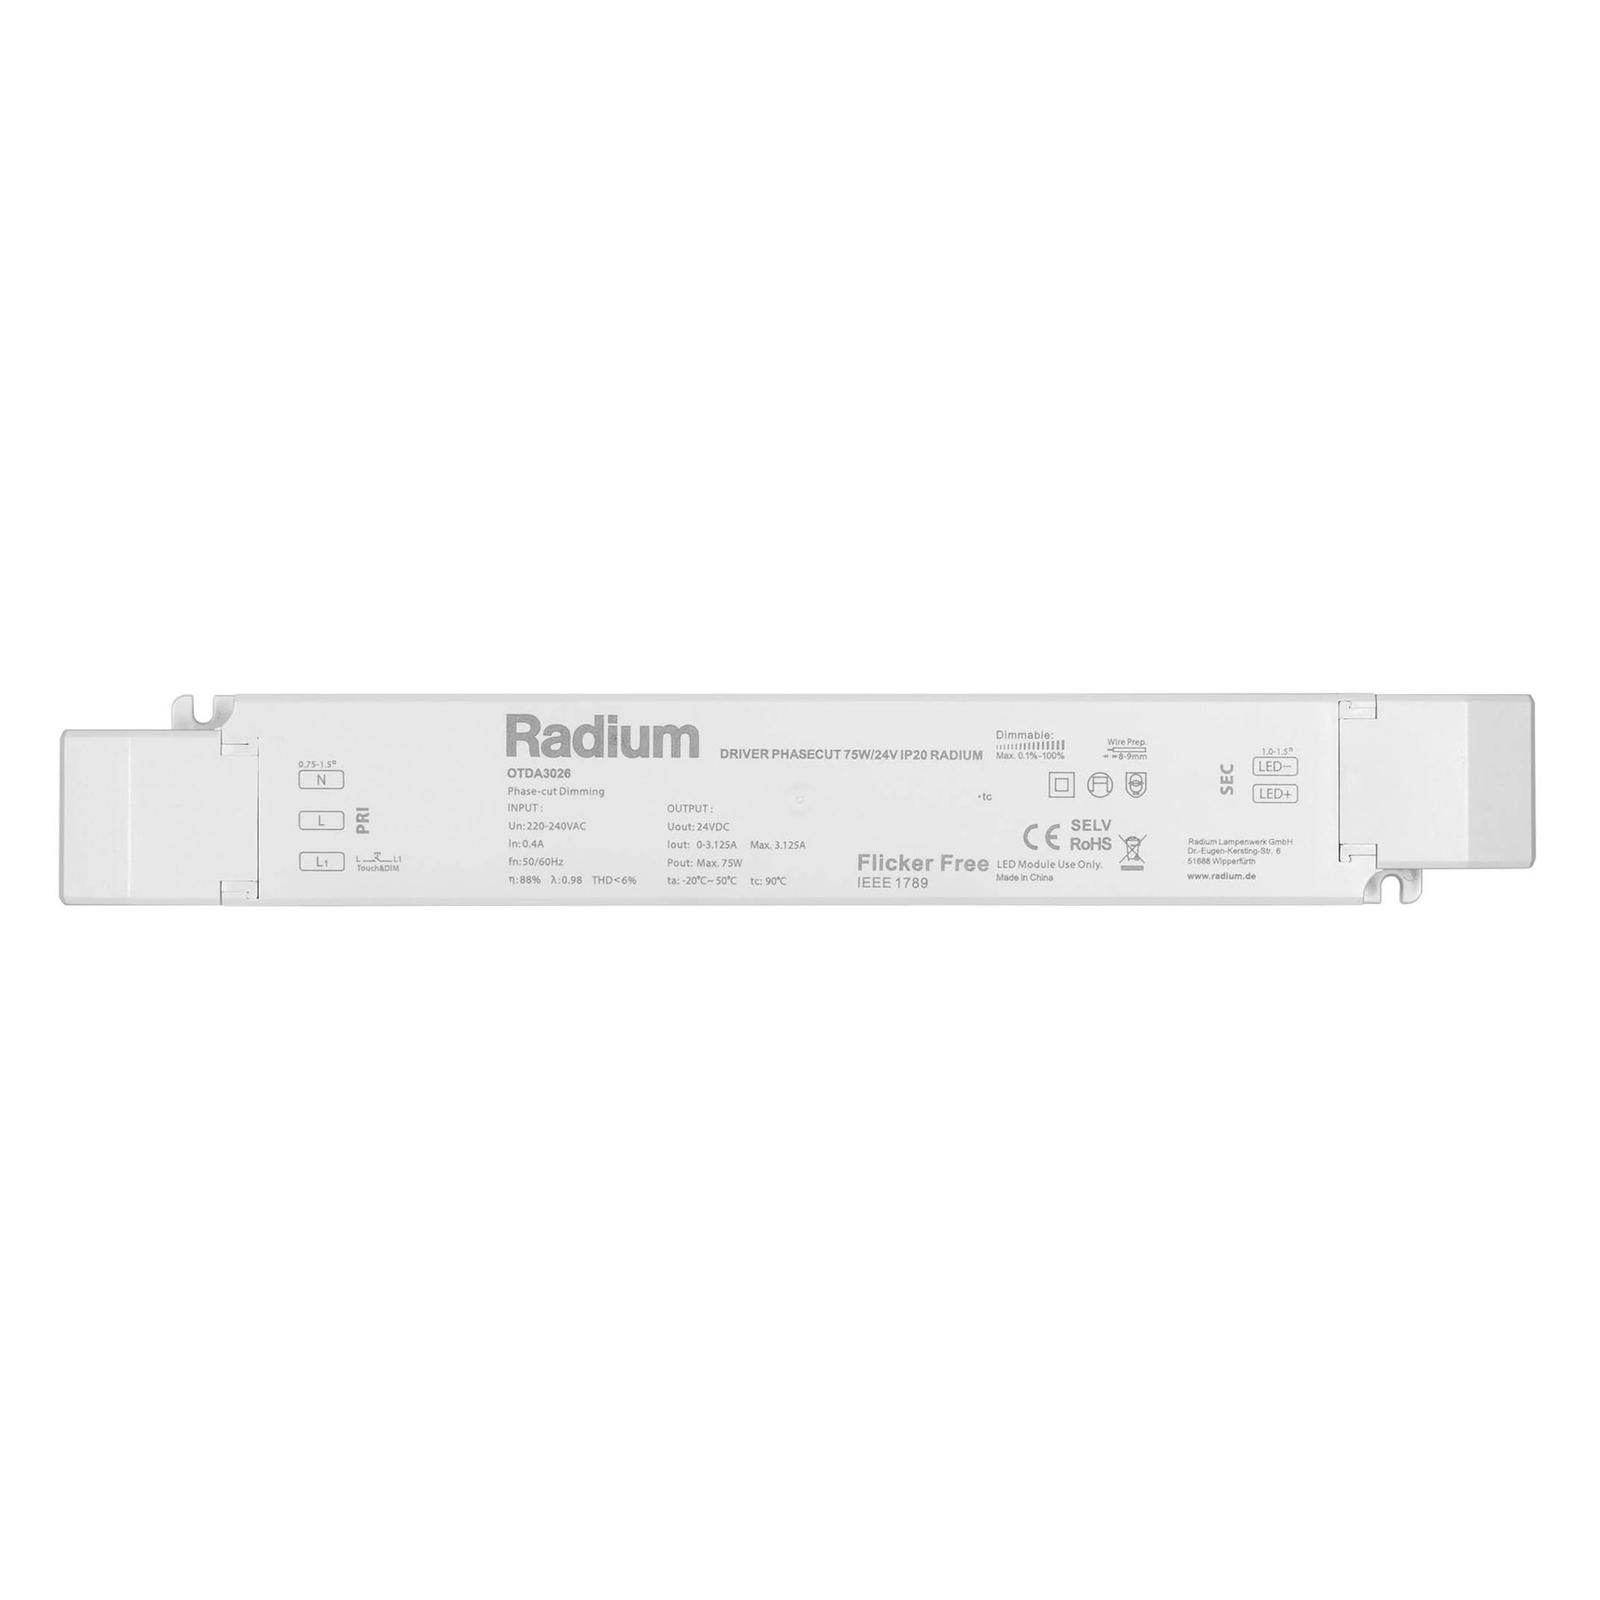 LED-Netzteil Radium OTDA 24V-DC, 75 W